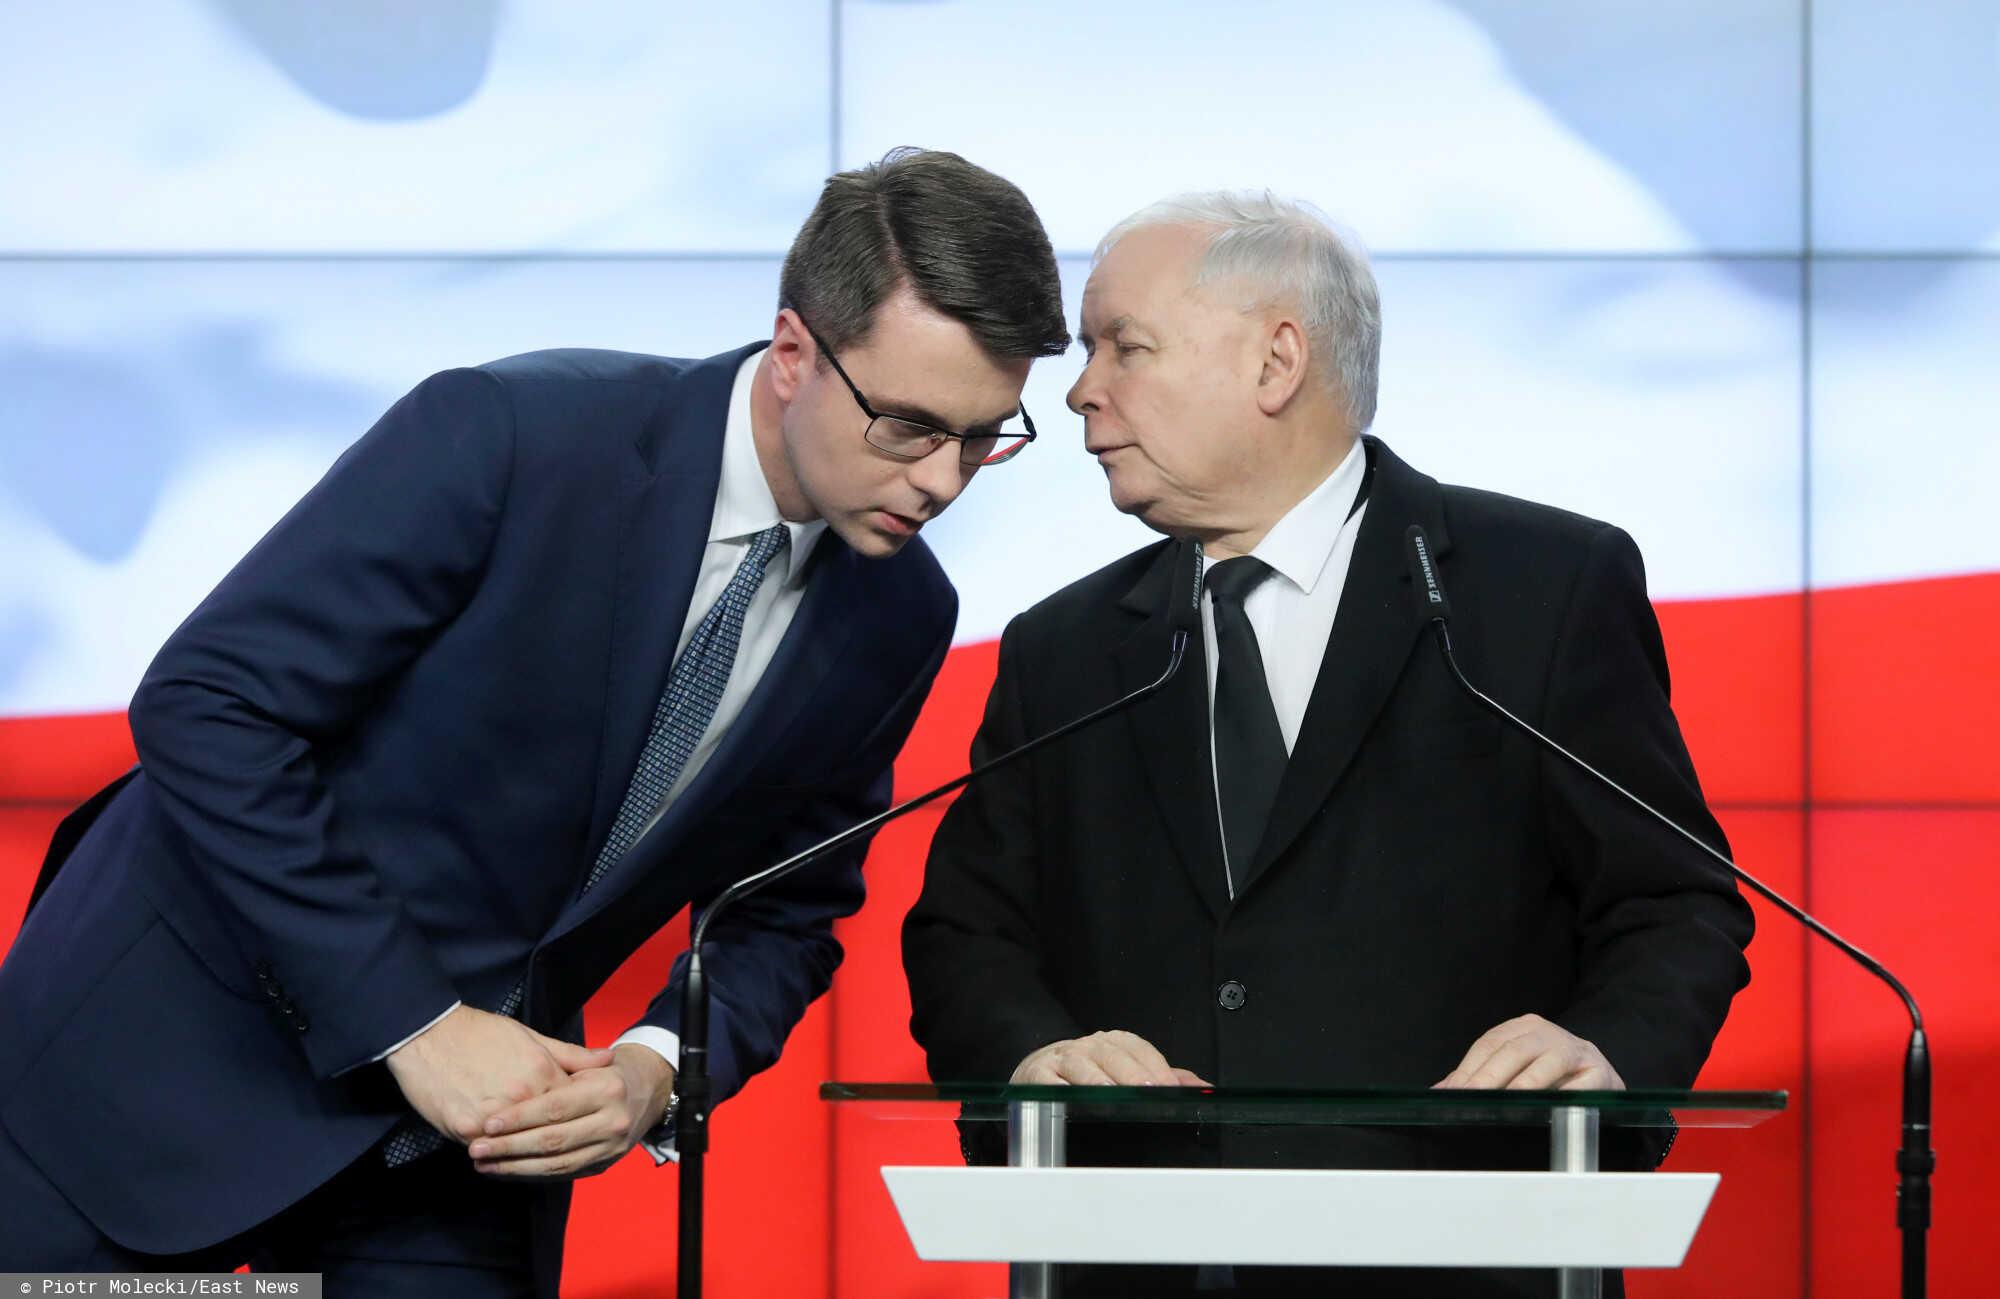 Nowogrodzka jest sceną dla rozgrywek wewnątrz Zjednoczonej Prawicy.